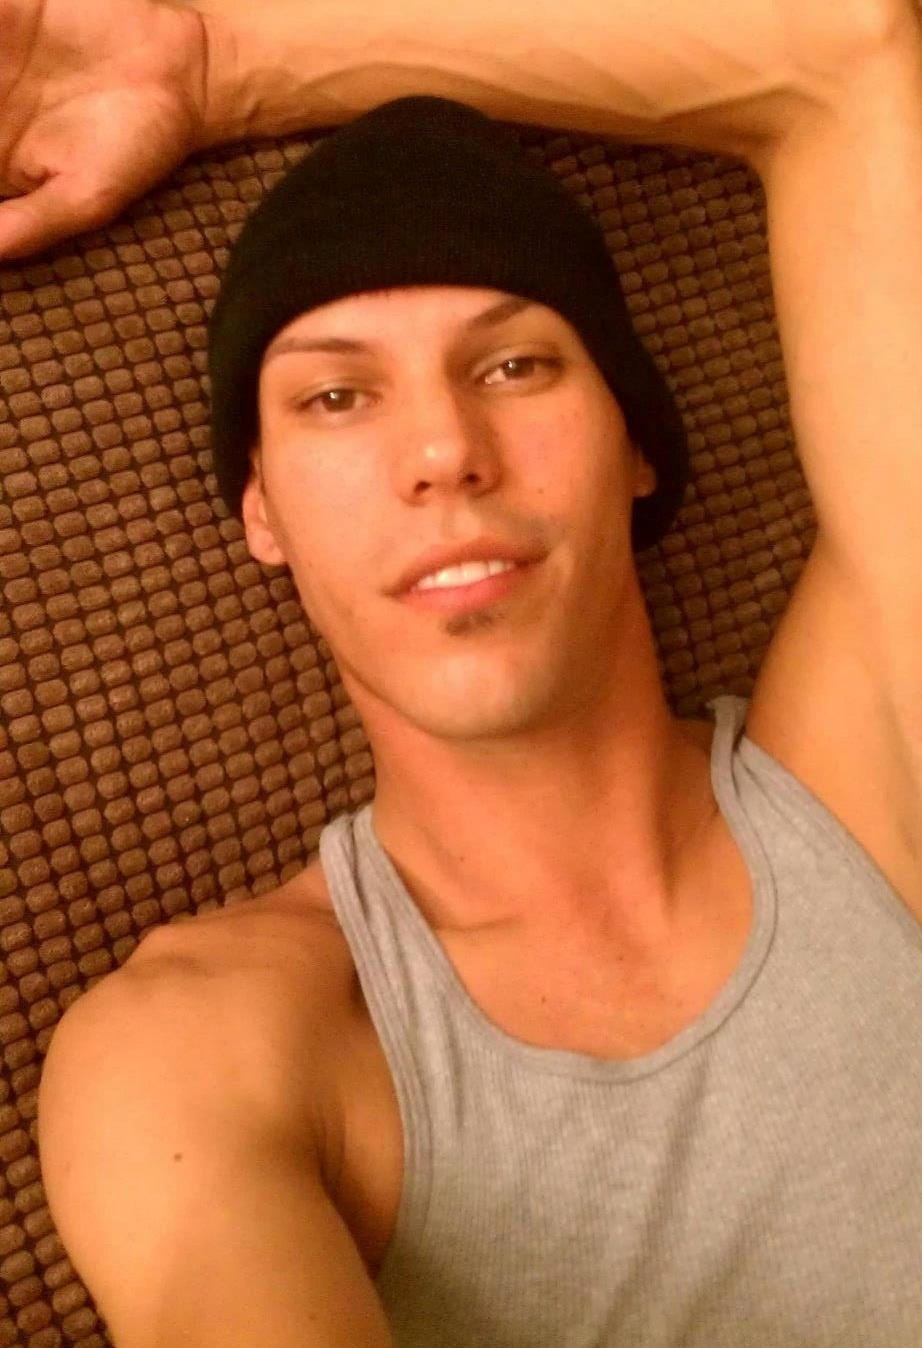 13.jun.2016 - Martin Benitez Torres, 33, foi morto no massacre que aconteceu na boate gay Pulse, em Orlando, na Flórida (EUA). Ele era de San Juan, Porto Rico, e havia chegado a Orlando recentemente para visitar a família. Horas antes de ser morto na boate, Torres aparecia em vídeos postados na sua página no Facebook comentando o quanto Orlando lhe parecia bonita